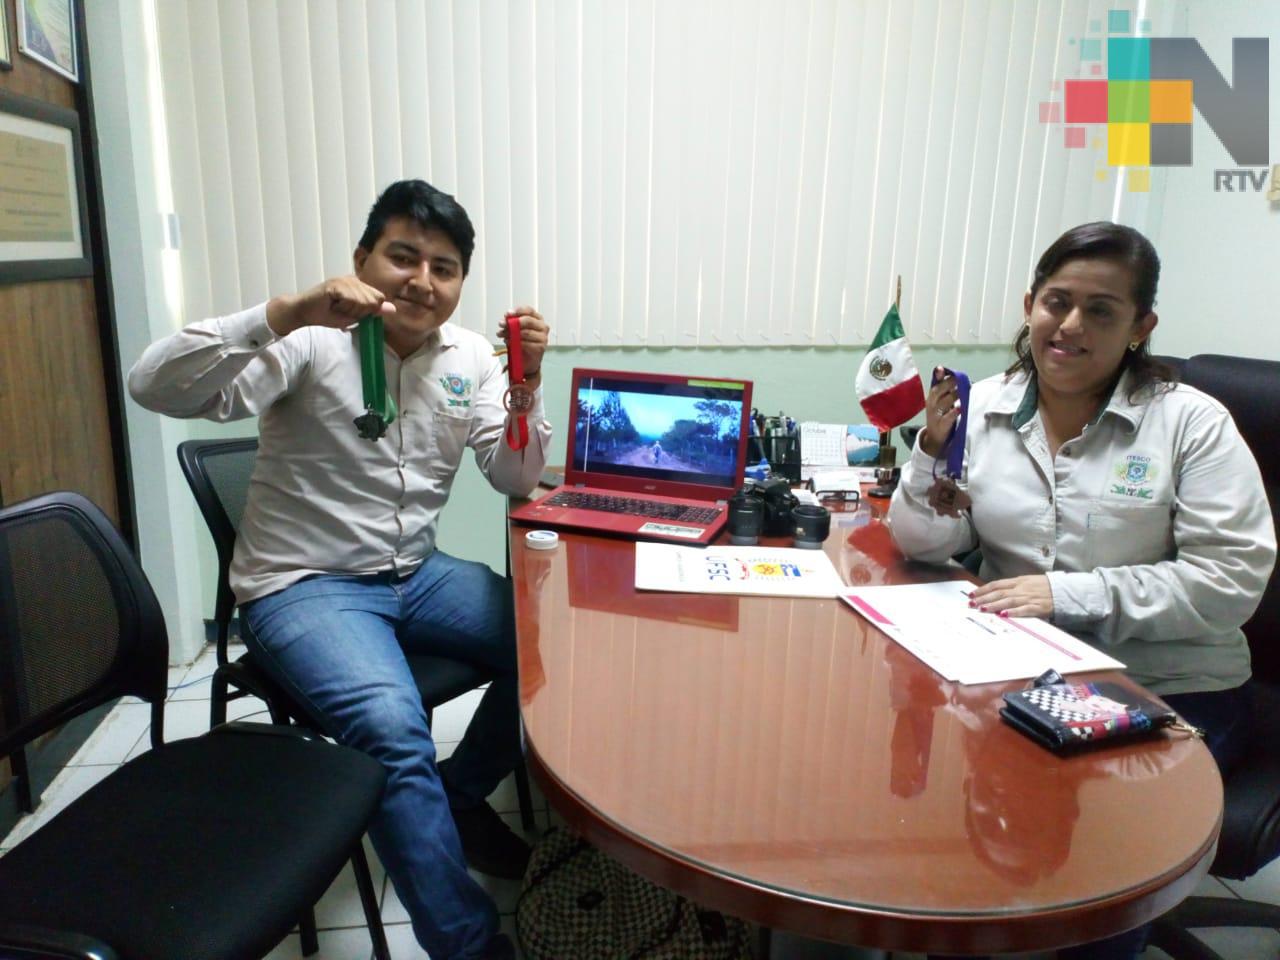 Estudiantes del Itesco obtienen tercer lugar en concurso de cortometraje, en Brasil